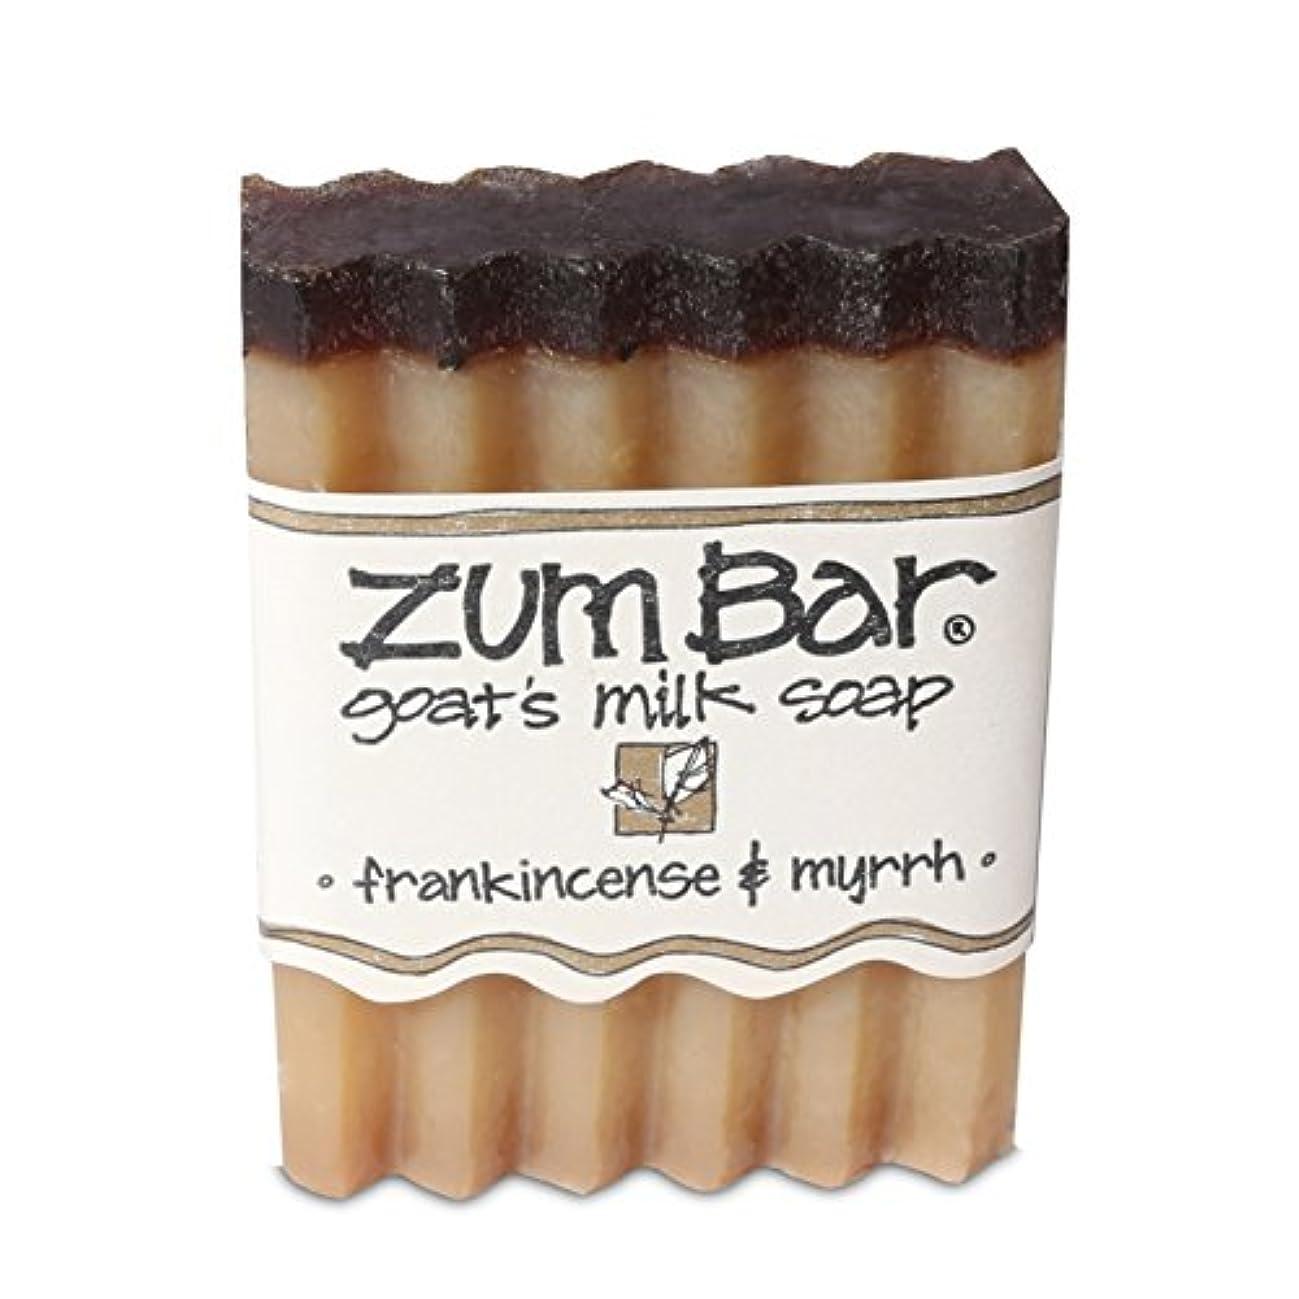 効能ある老人ブラザー海外直送品 Indigo Wild, Zum Bar, Goat's ミルク ソープ フランキンセンス&ミルラ, 3 Ounces (2個セット) (Frankincense & Myrrh) [並行輸入品]